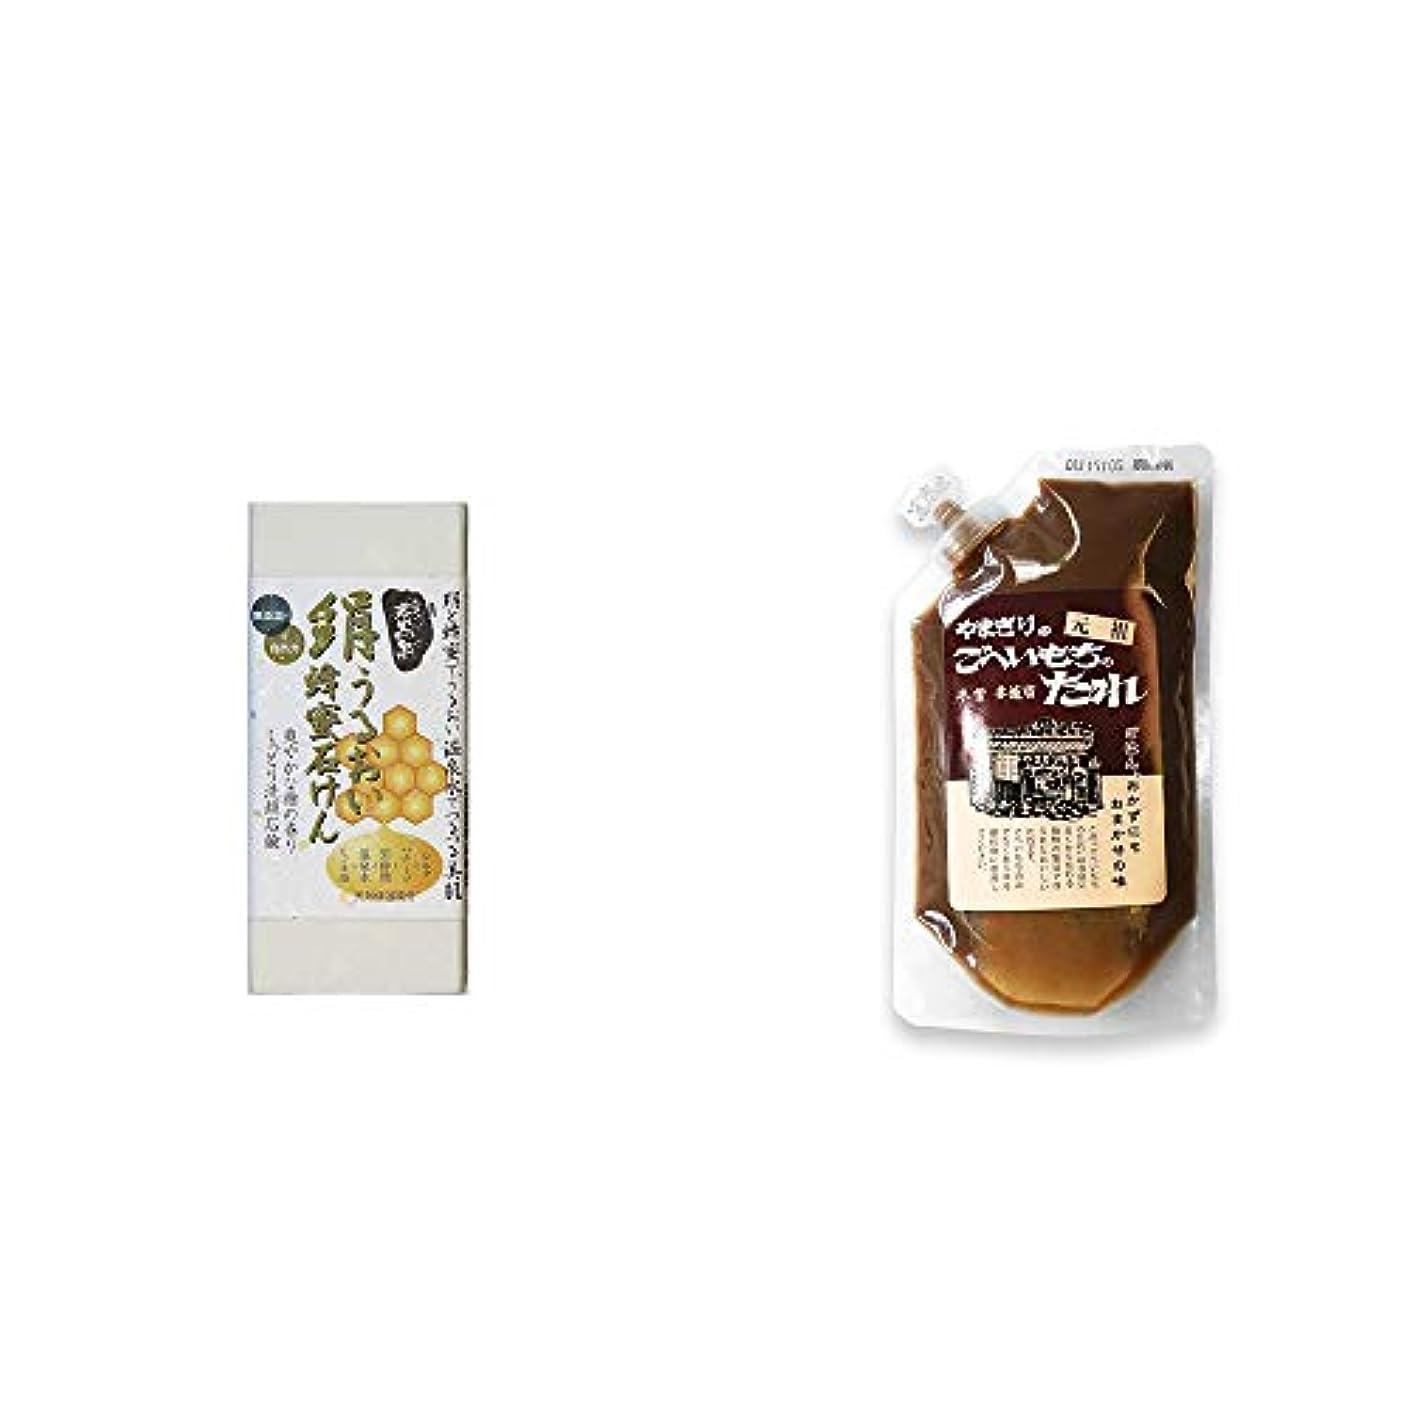 ユーモラス血まみれのパトロール[2点セット] ひのき炭黒泉 絹うるおい蜂蜜石けん(75g×2)?妻籠宿 やまぎり食堂 ごへい餅のたれ(250g)